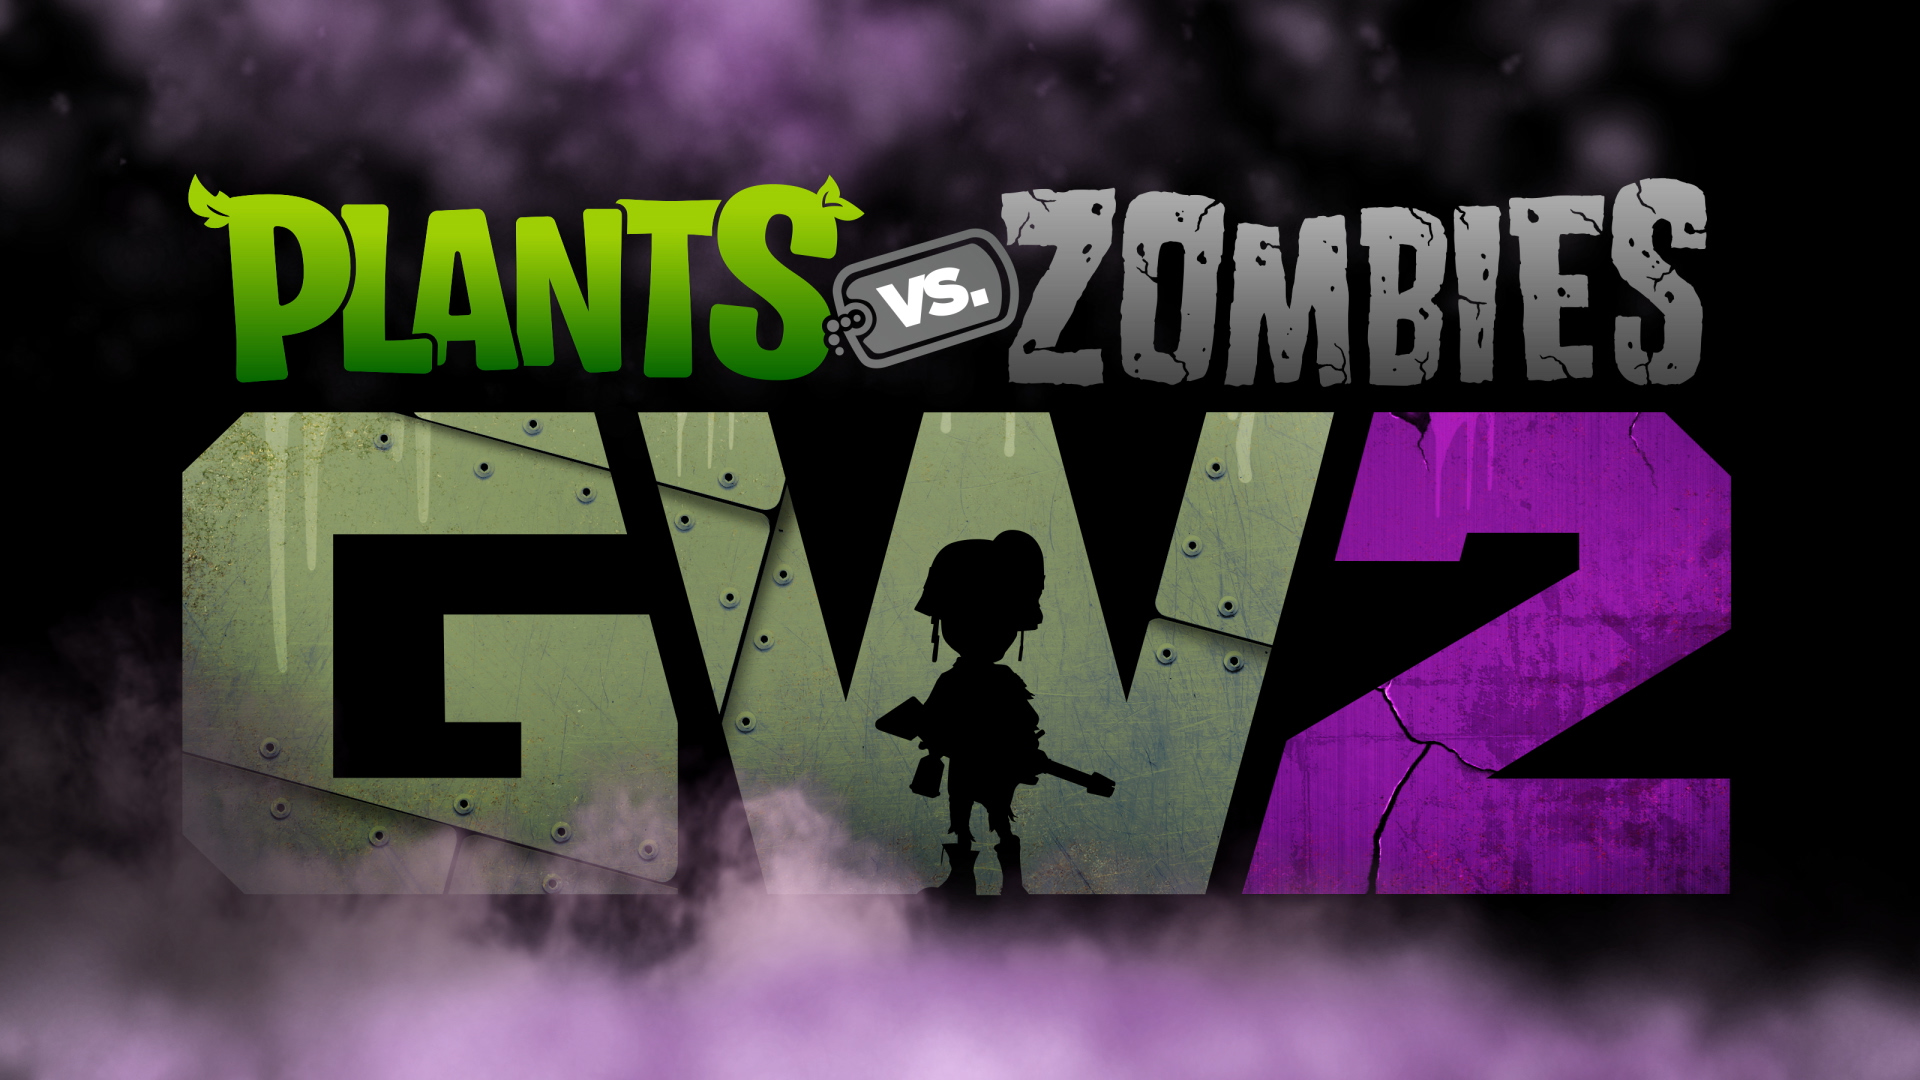 12 plants vs zombies garden warfare 2 - Plants vs zombies garden warfare for wii u ...